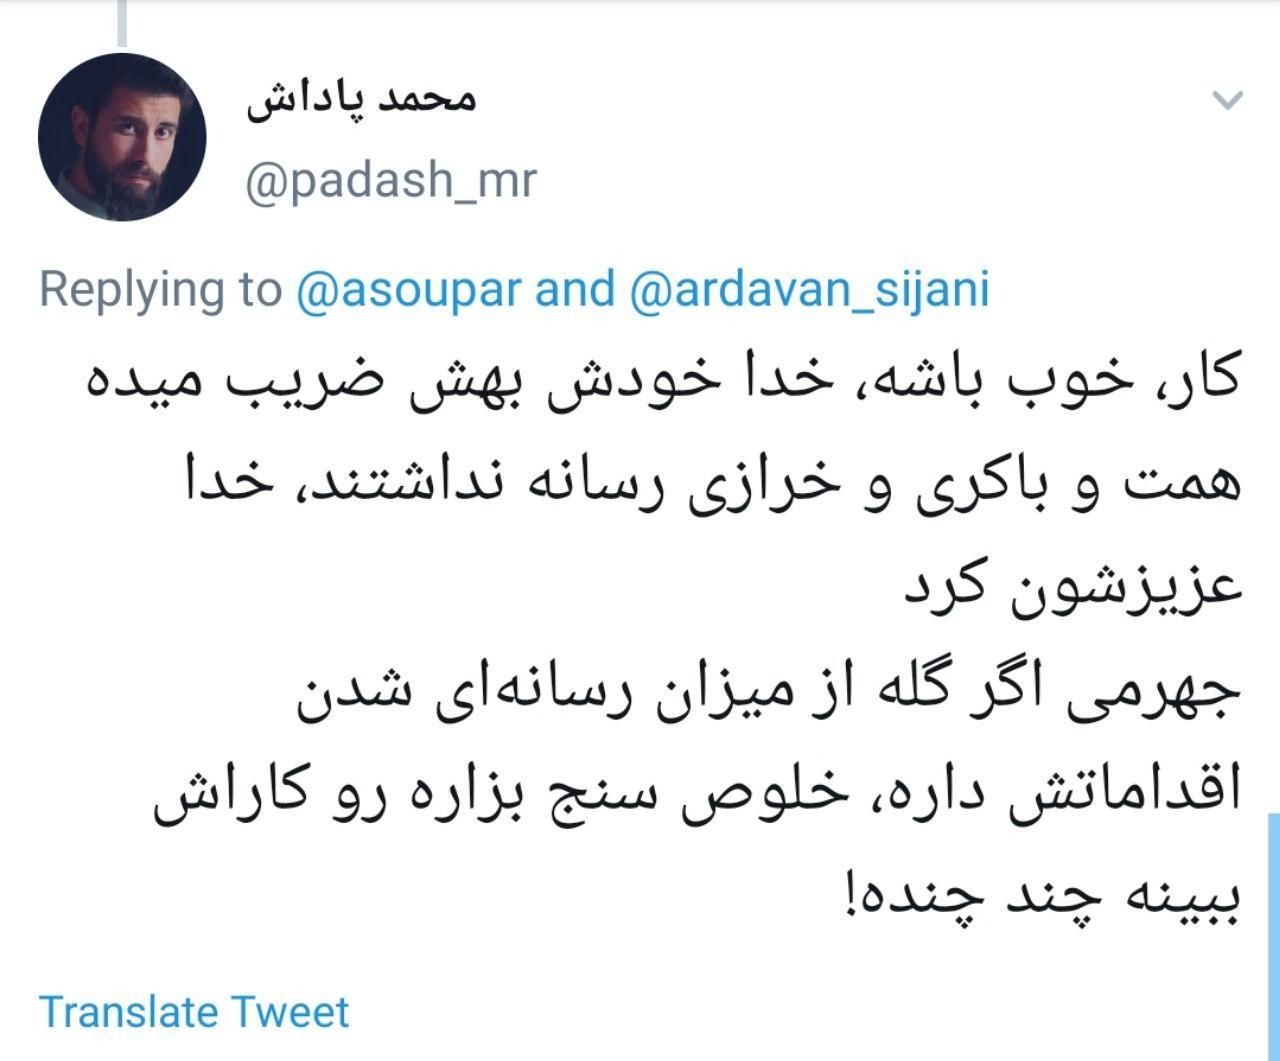 آیا وزیر ارتباطات در صداوسیما سانسور شده است؟+فیلم و عکس